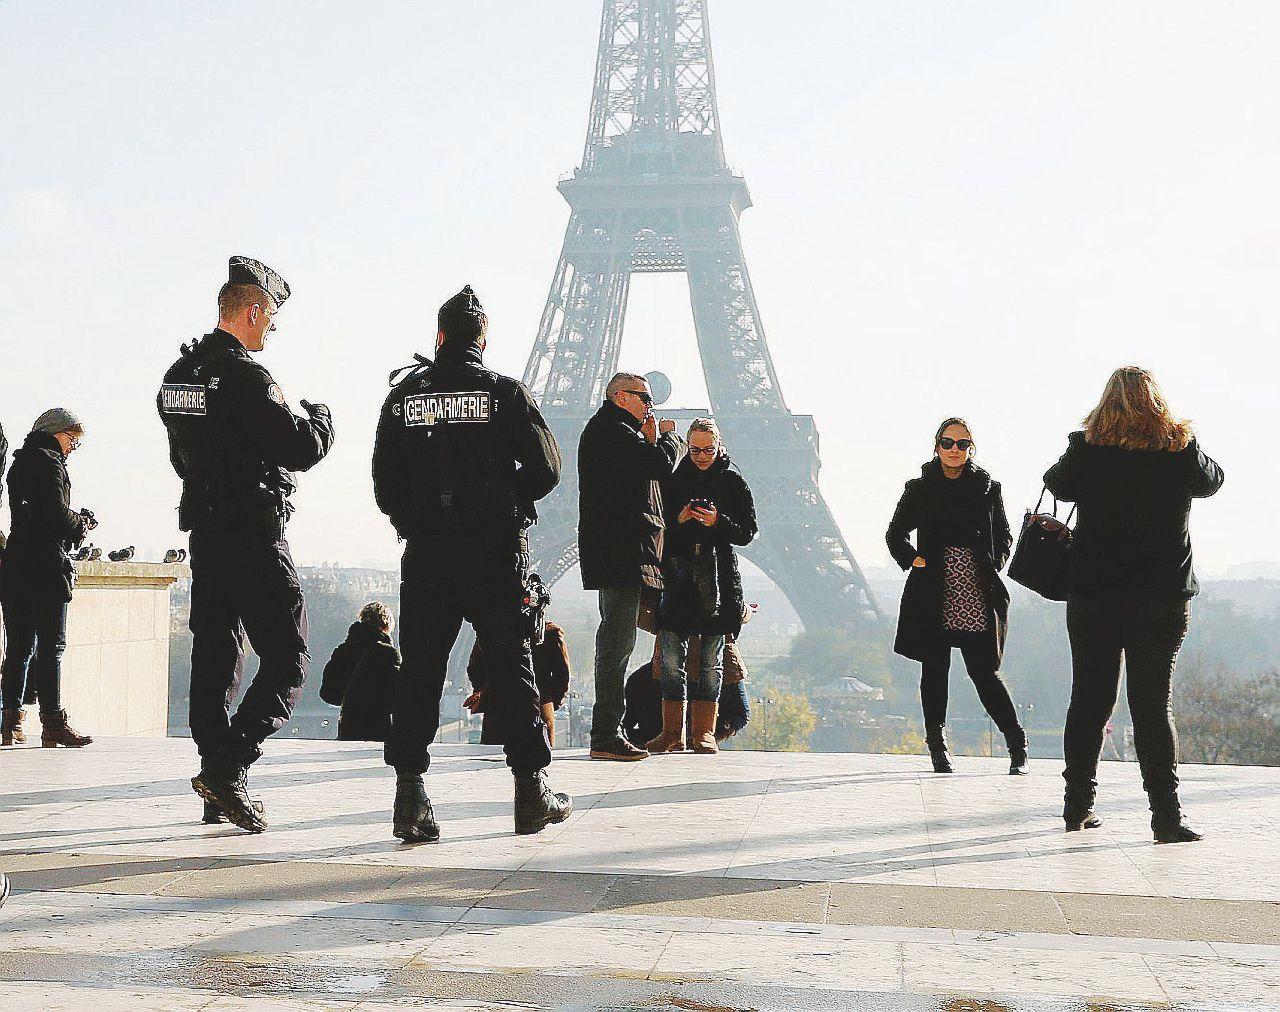 Gli Europei come Fort Knox fra metal detector e cecchini